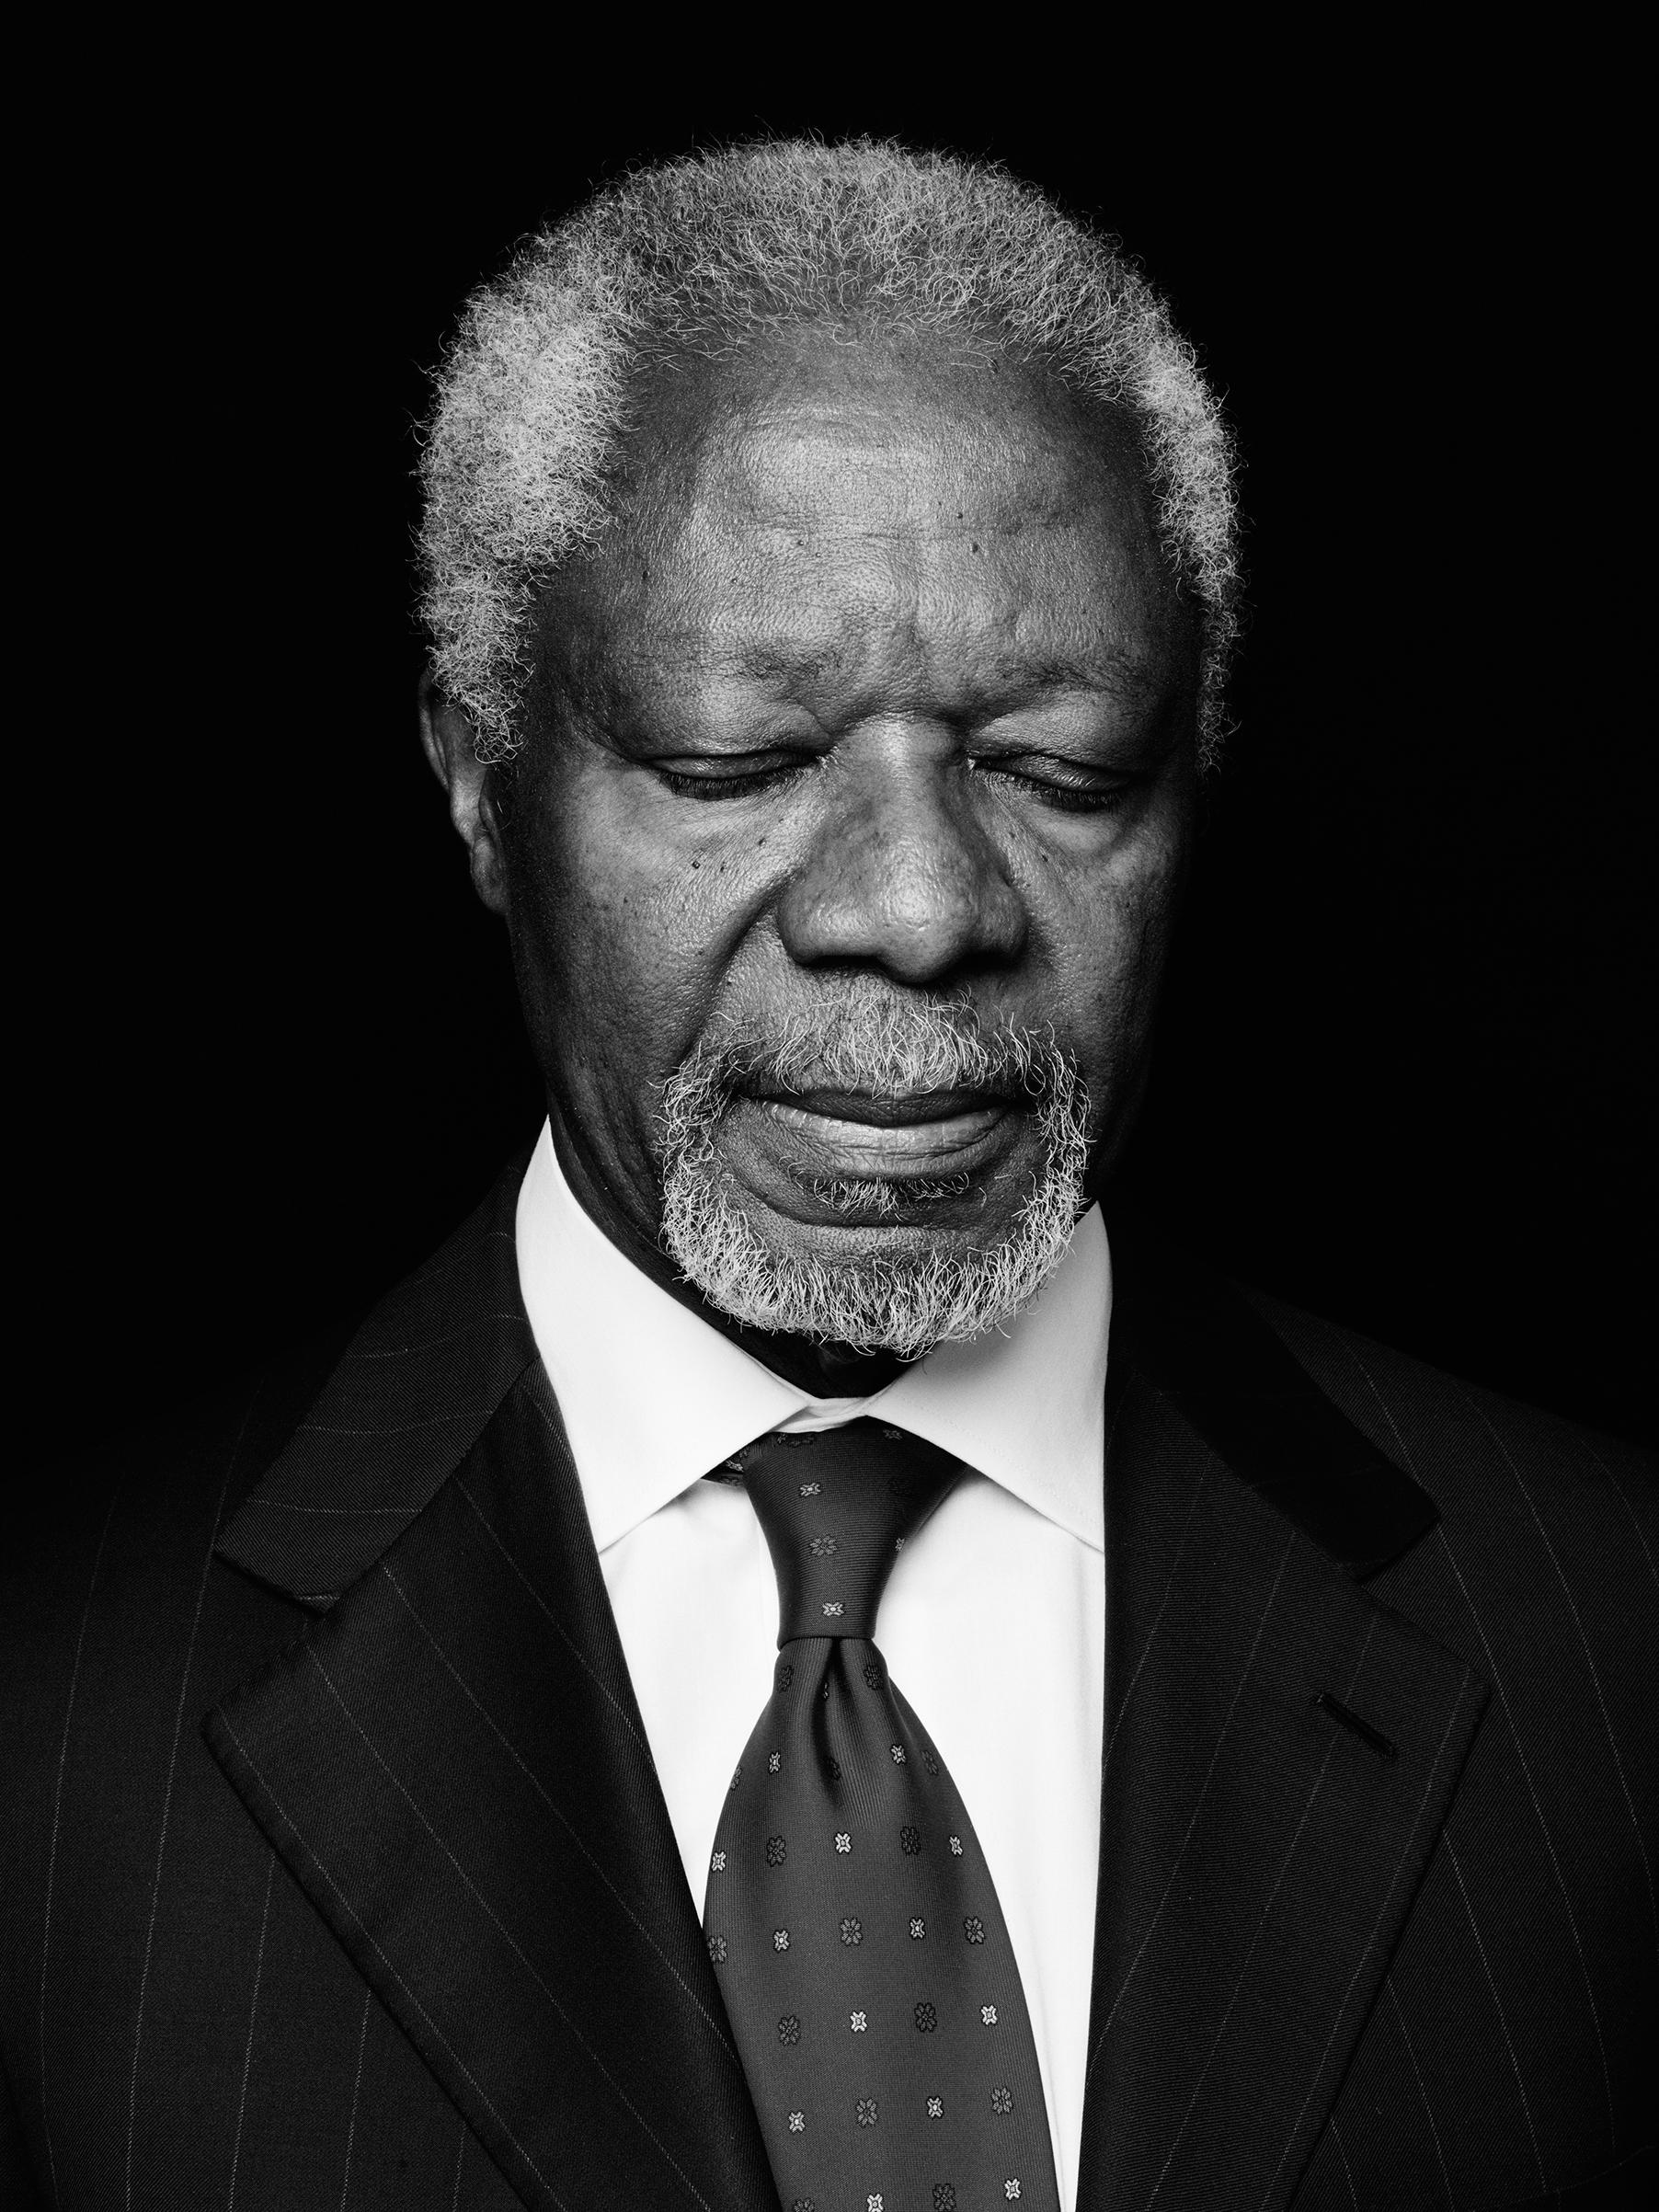 Annan, former U.N. Secretary-General, pictured on Feb. 28, 2013